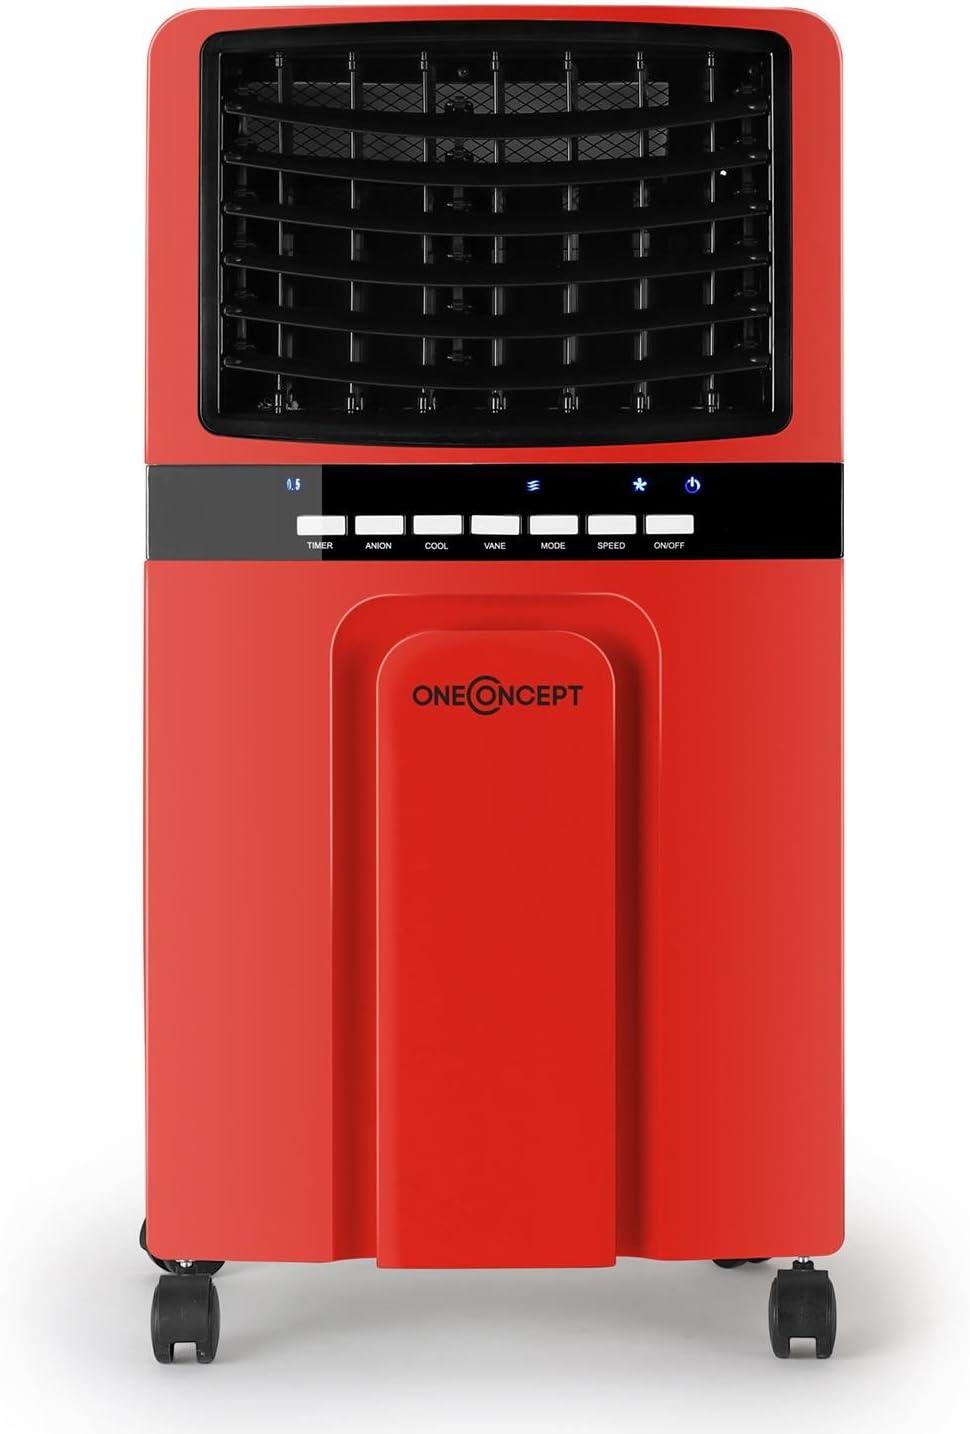 Programmable avec Mode Nuit /Électronique Ventilateur et Humidificateur Rafra/îchisseur d/'air mobile CLIMACOOL8 Sur Roulettes Fonctionne Sans tuyau d/évacuation Climadiff